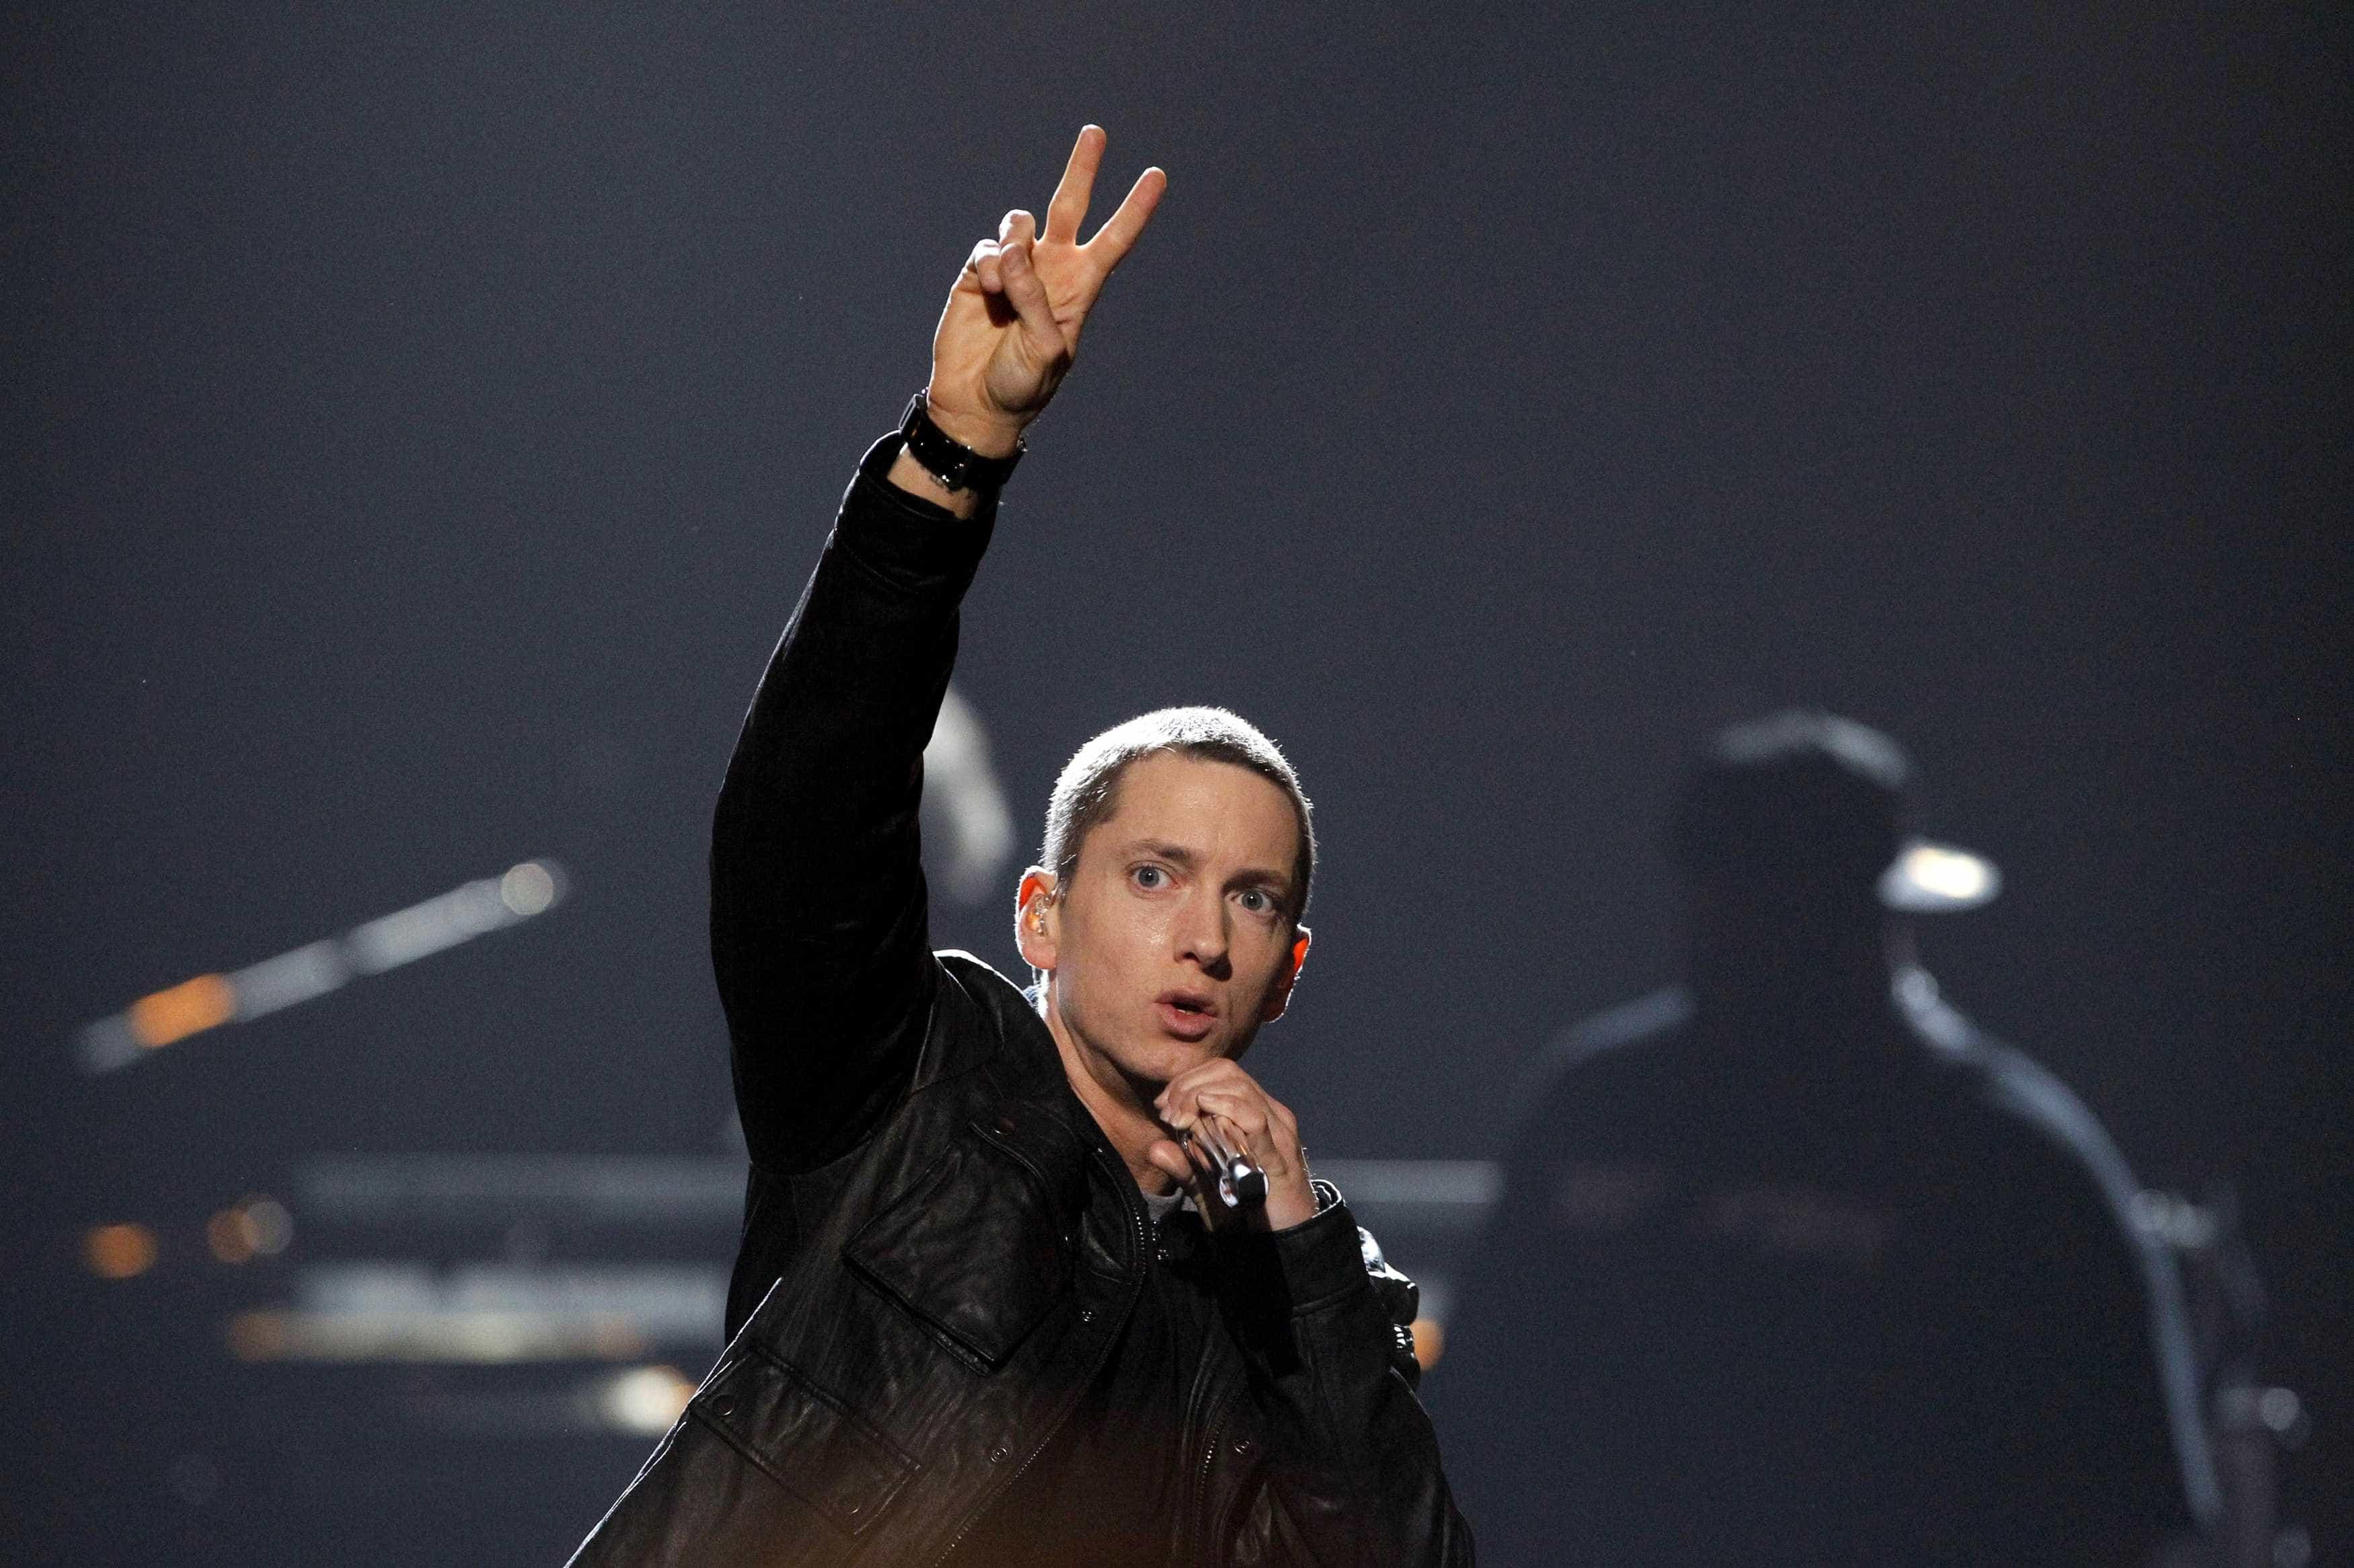 Eminem celebra 11 anos sem consumir álcool e drogas